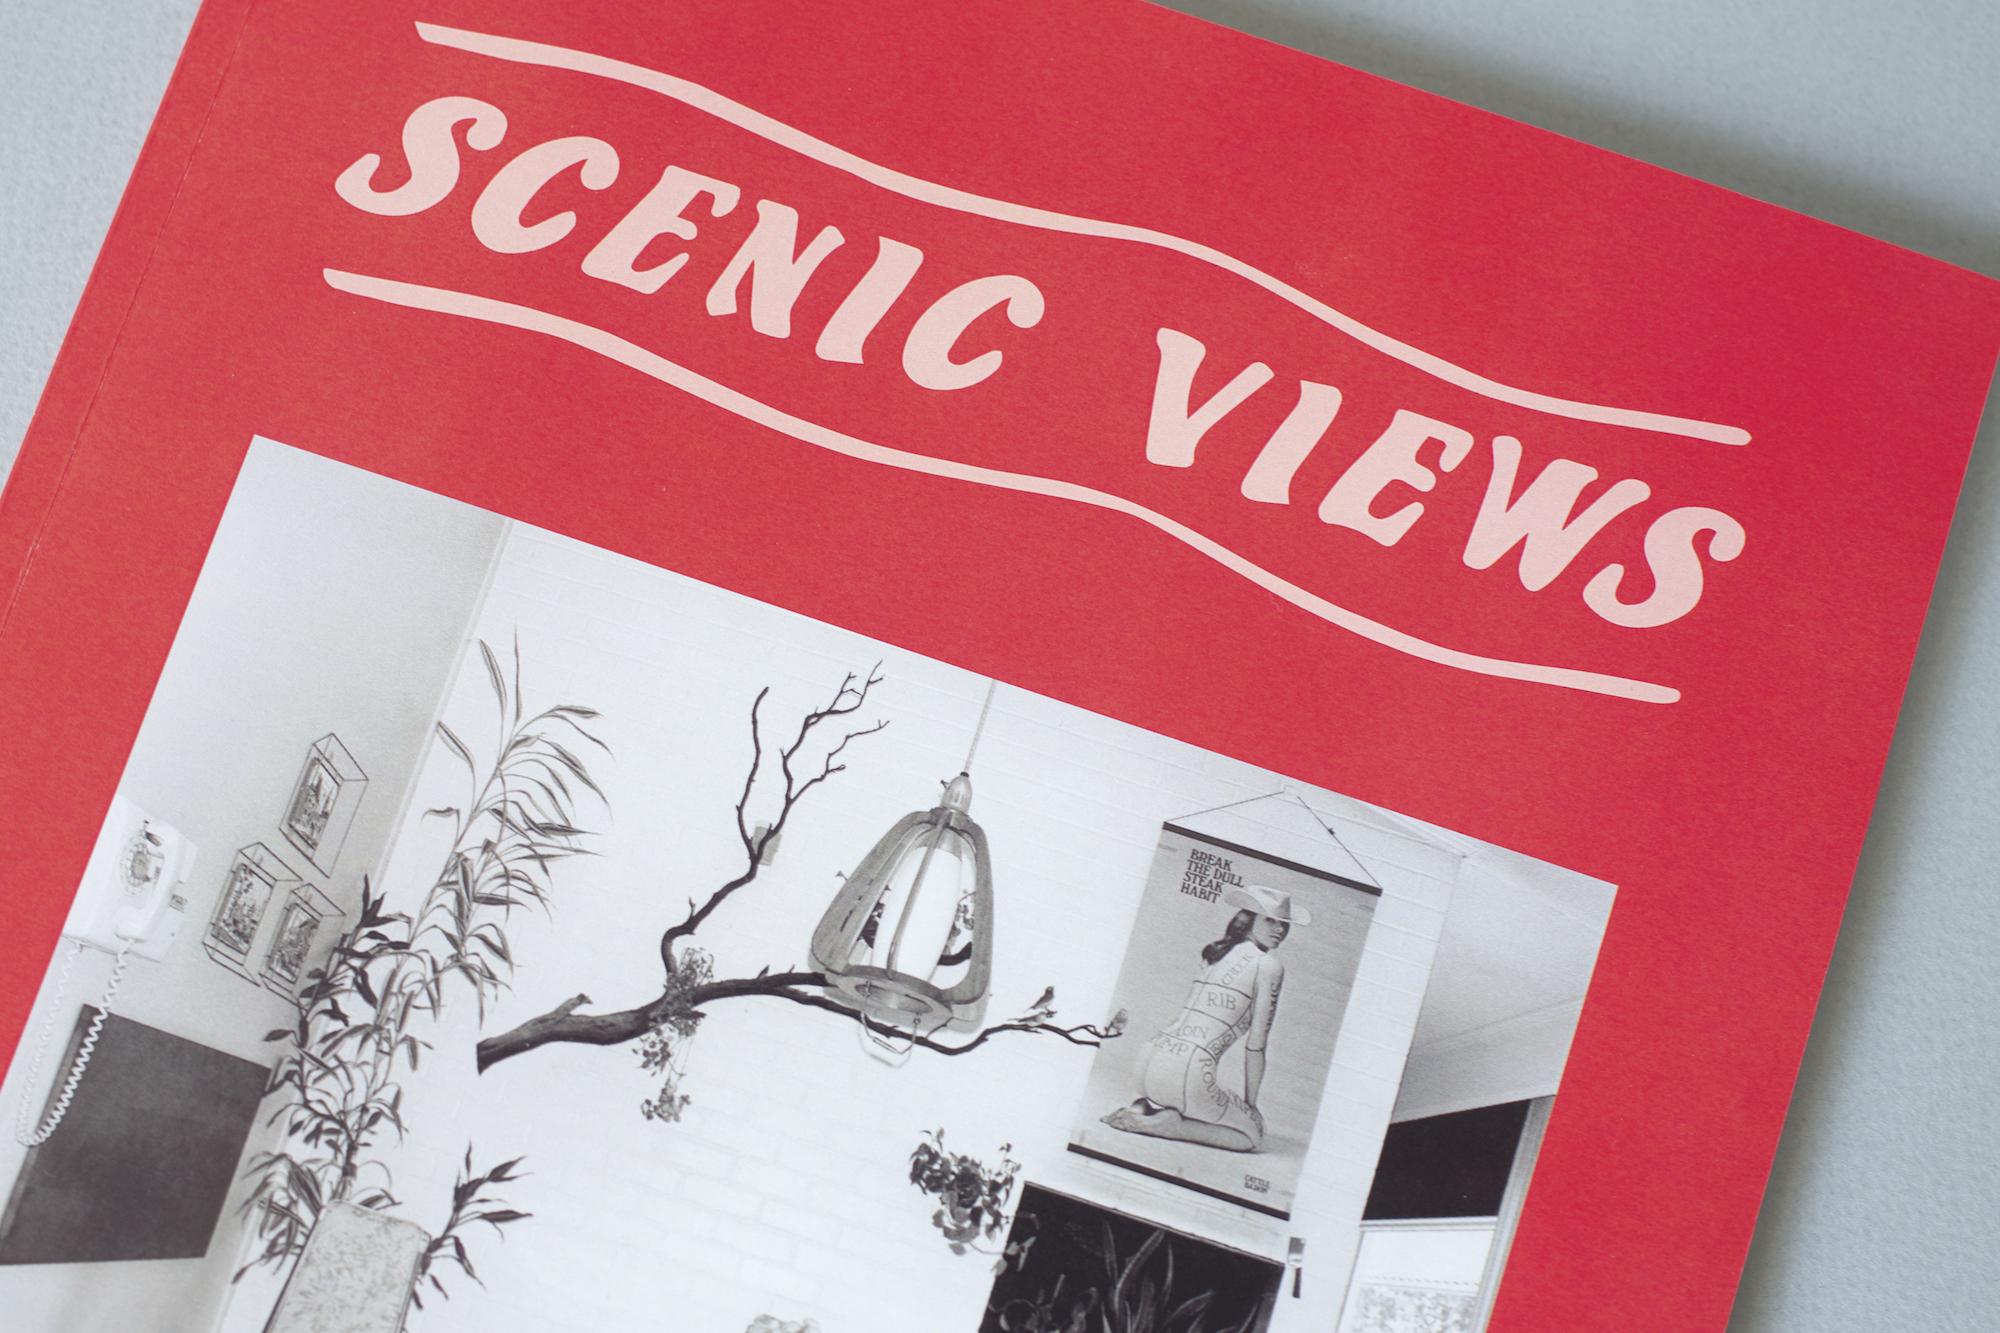 © Scenic Views magazine